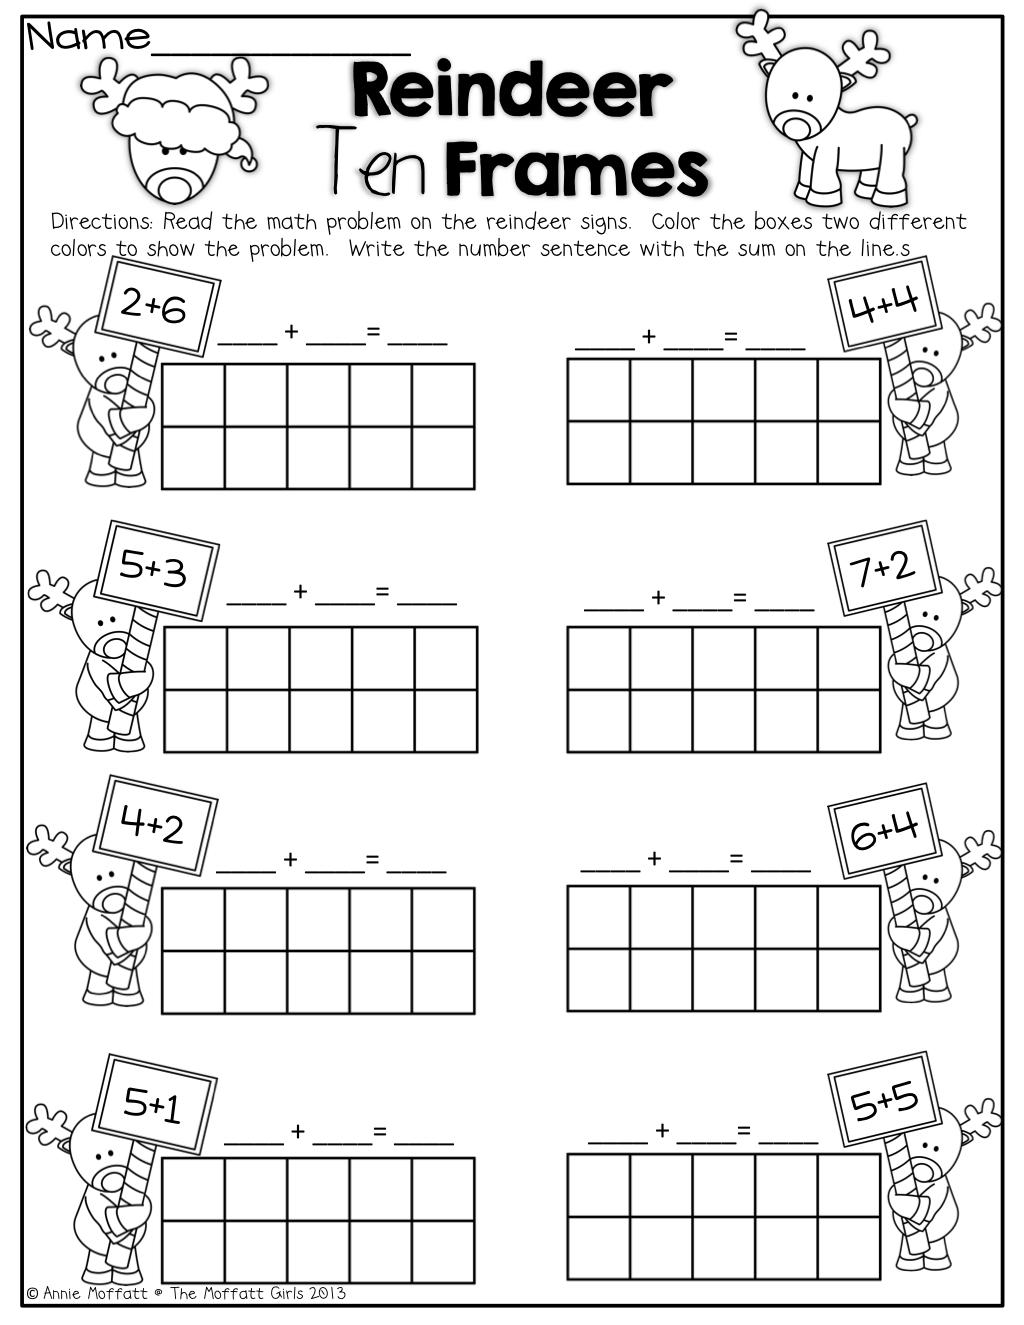 Reindeer Ten Frames Education Kindergarten Math Math Kindergarten Addition Worksheets Education Math Simple Math [ 1325 x 1024 Pixel ]